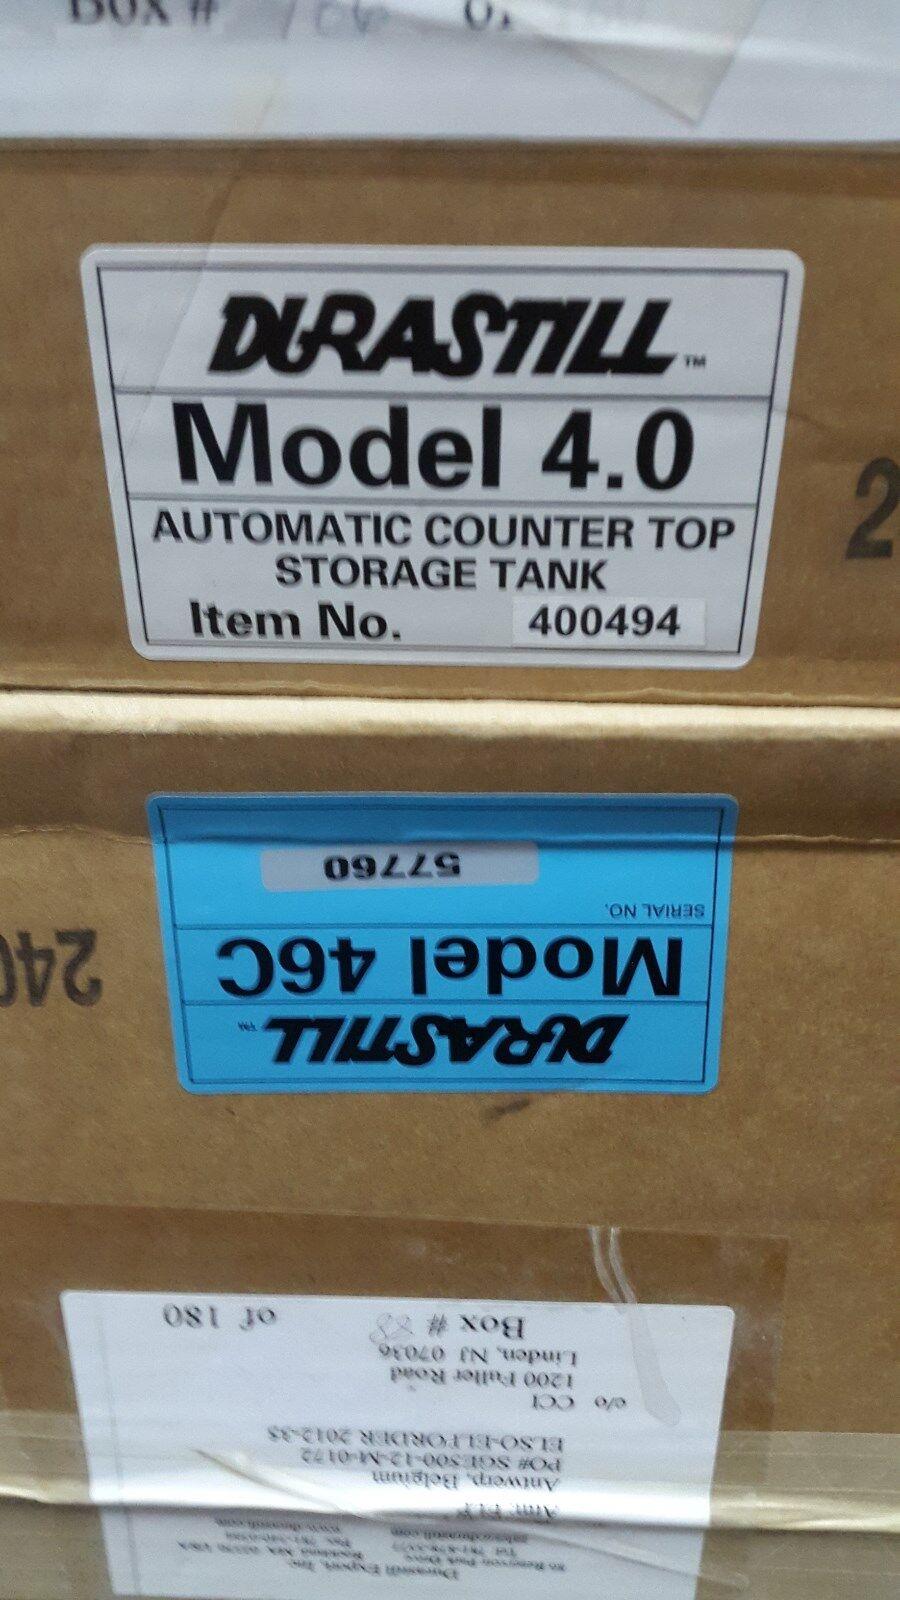 Durastill 46 C et durastill 4.0 New Open Box